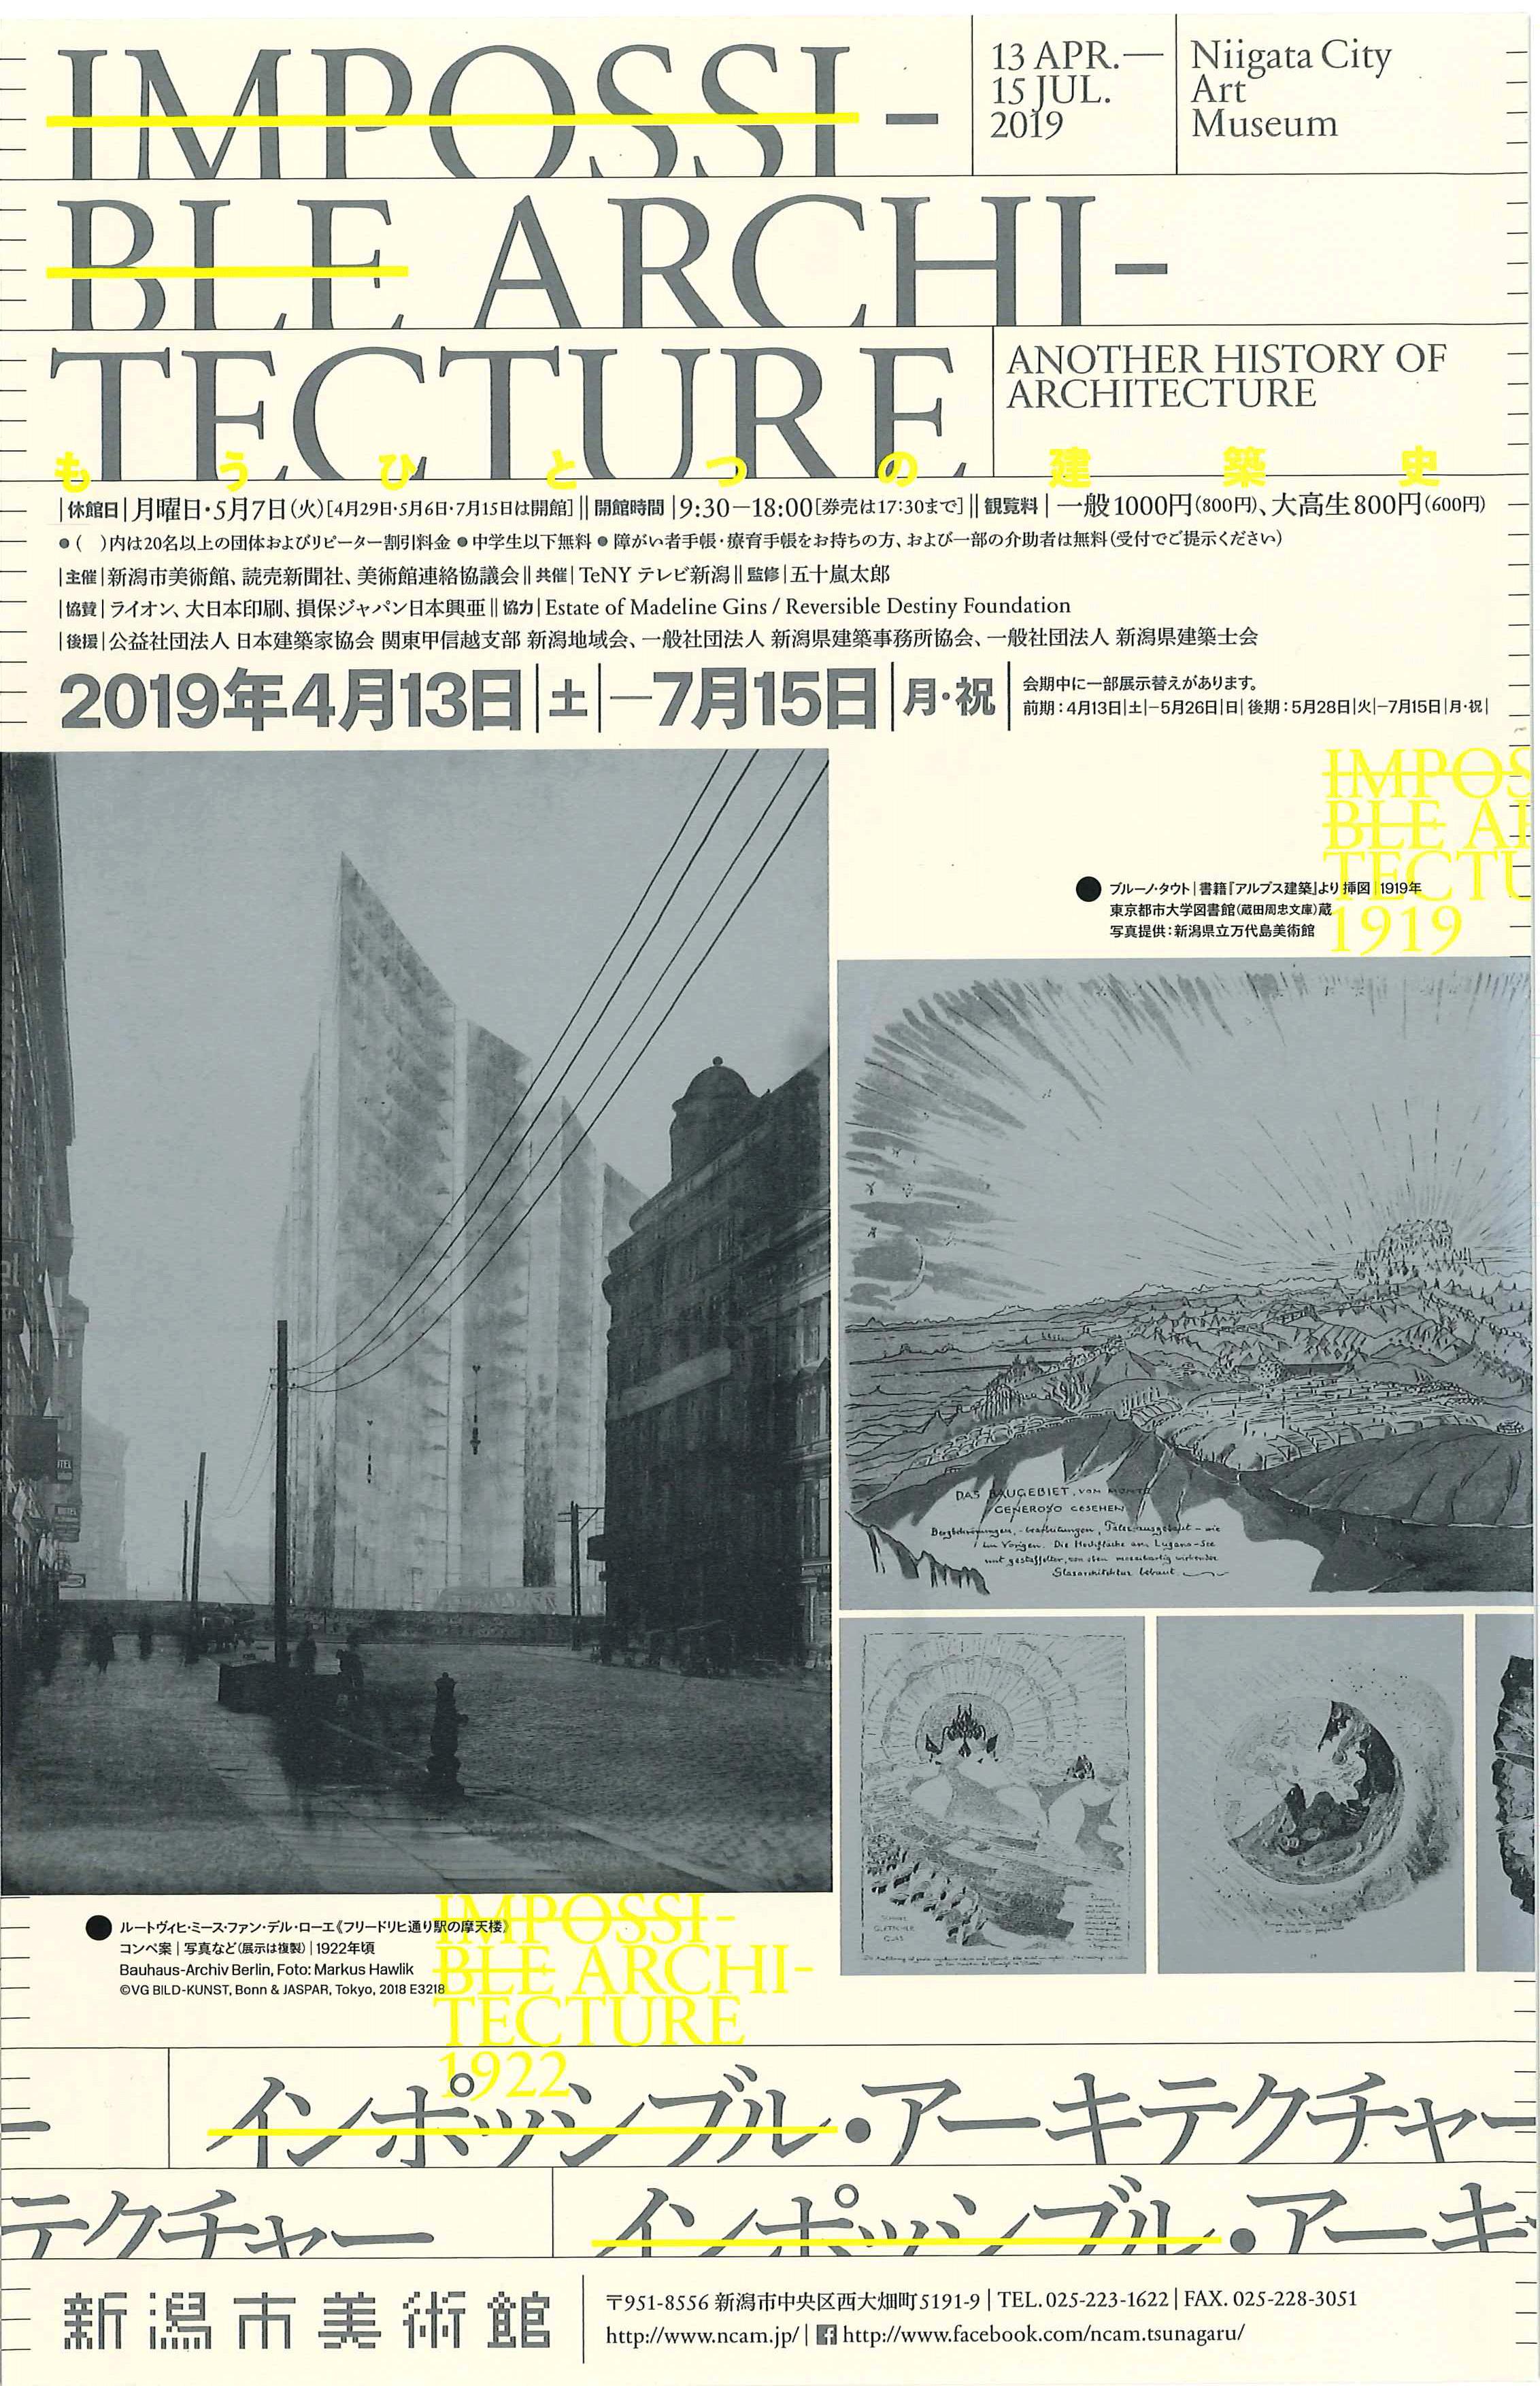 「インポッシブル・アーキテクチャー」(新潟市美術館)チラシ